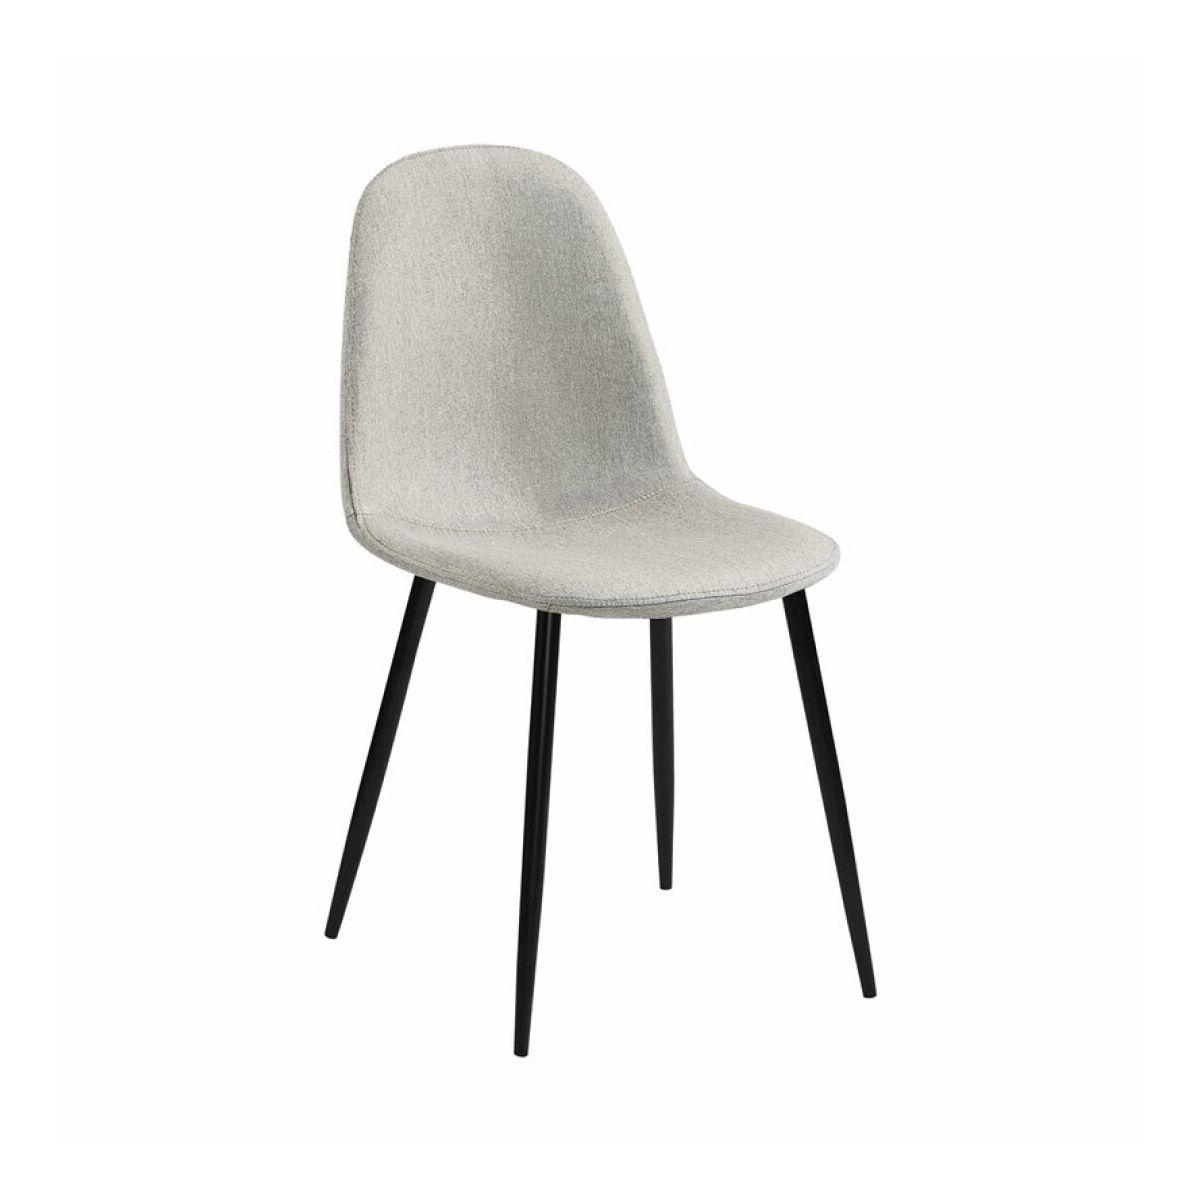 chaise scandinave en tissu gris beige pieds noirs